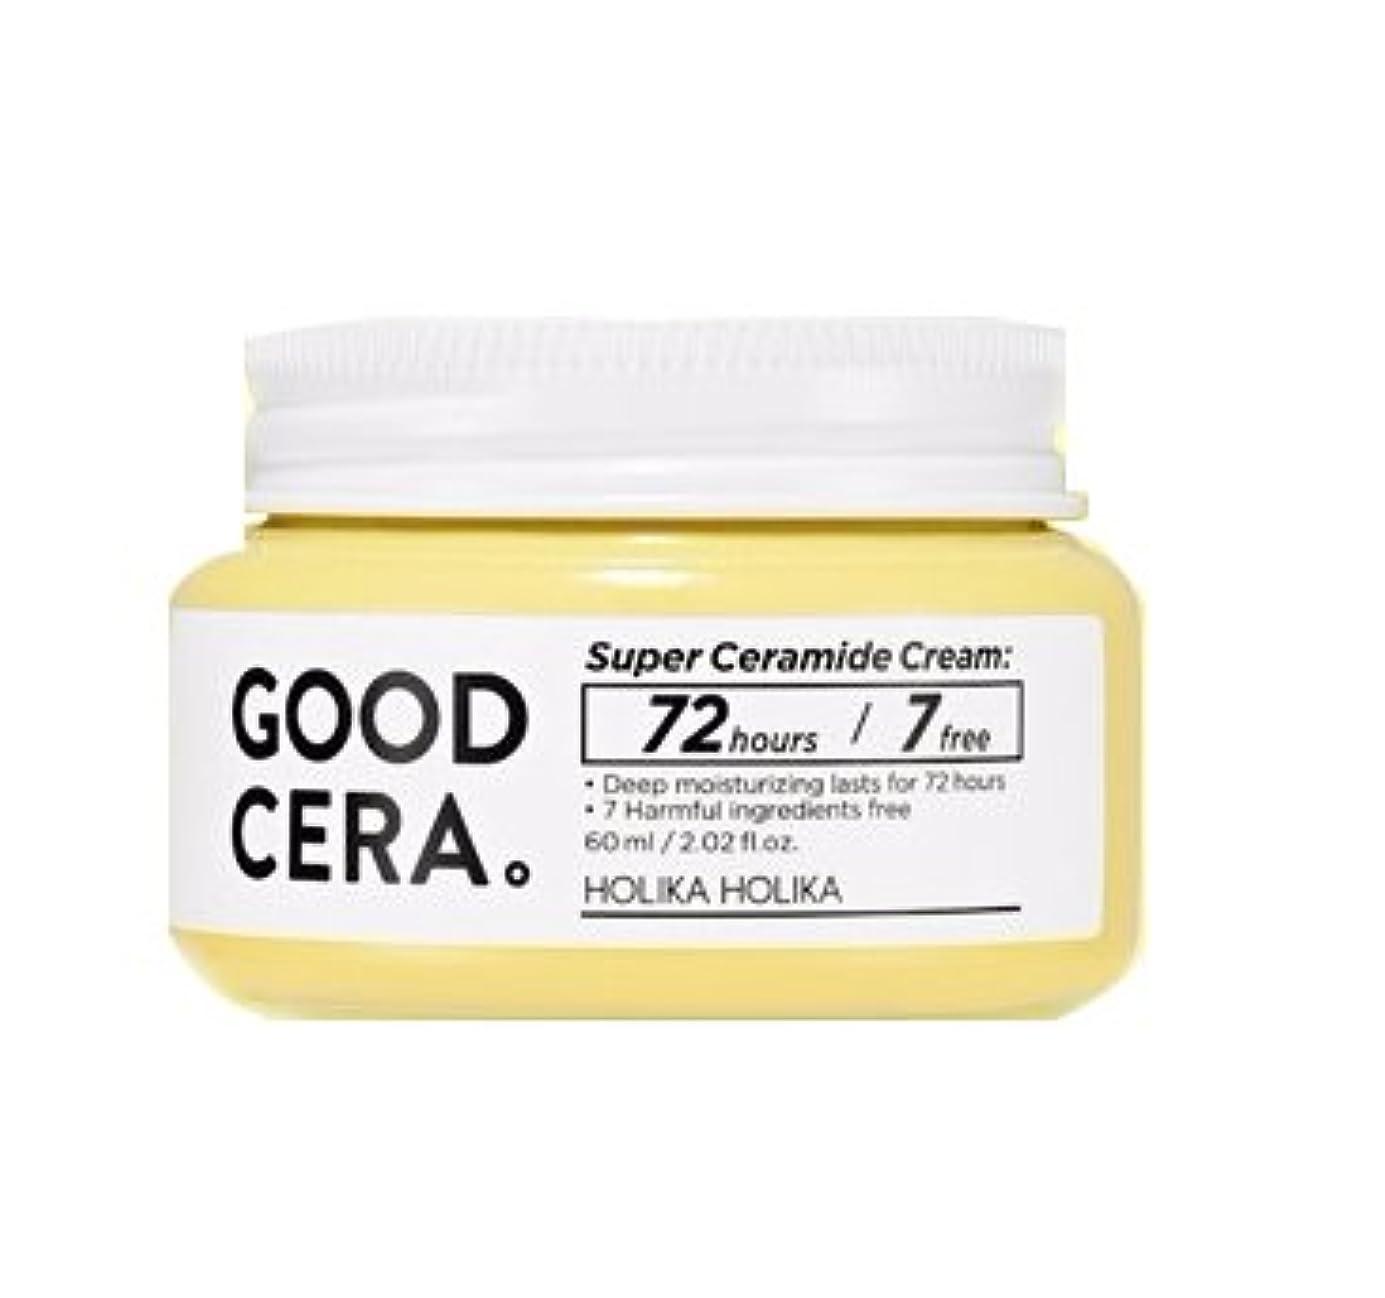 闇不注意黙認する[NEW] ホリカホリカ スーパーセラミドクリーム 60ml / HOLIKA HOLIKA Super Ceramide Cream [並行輸入品]